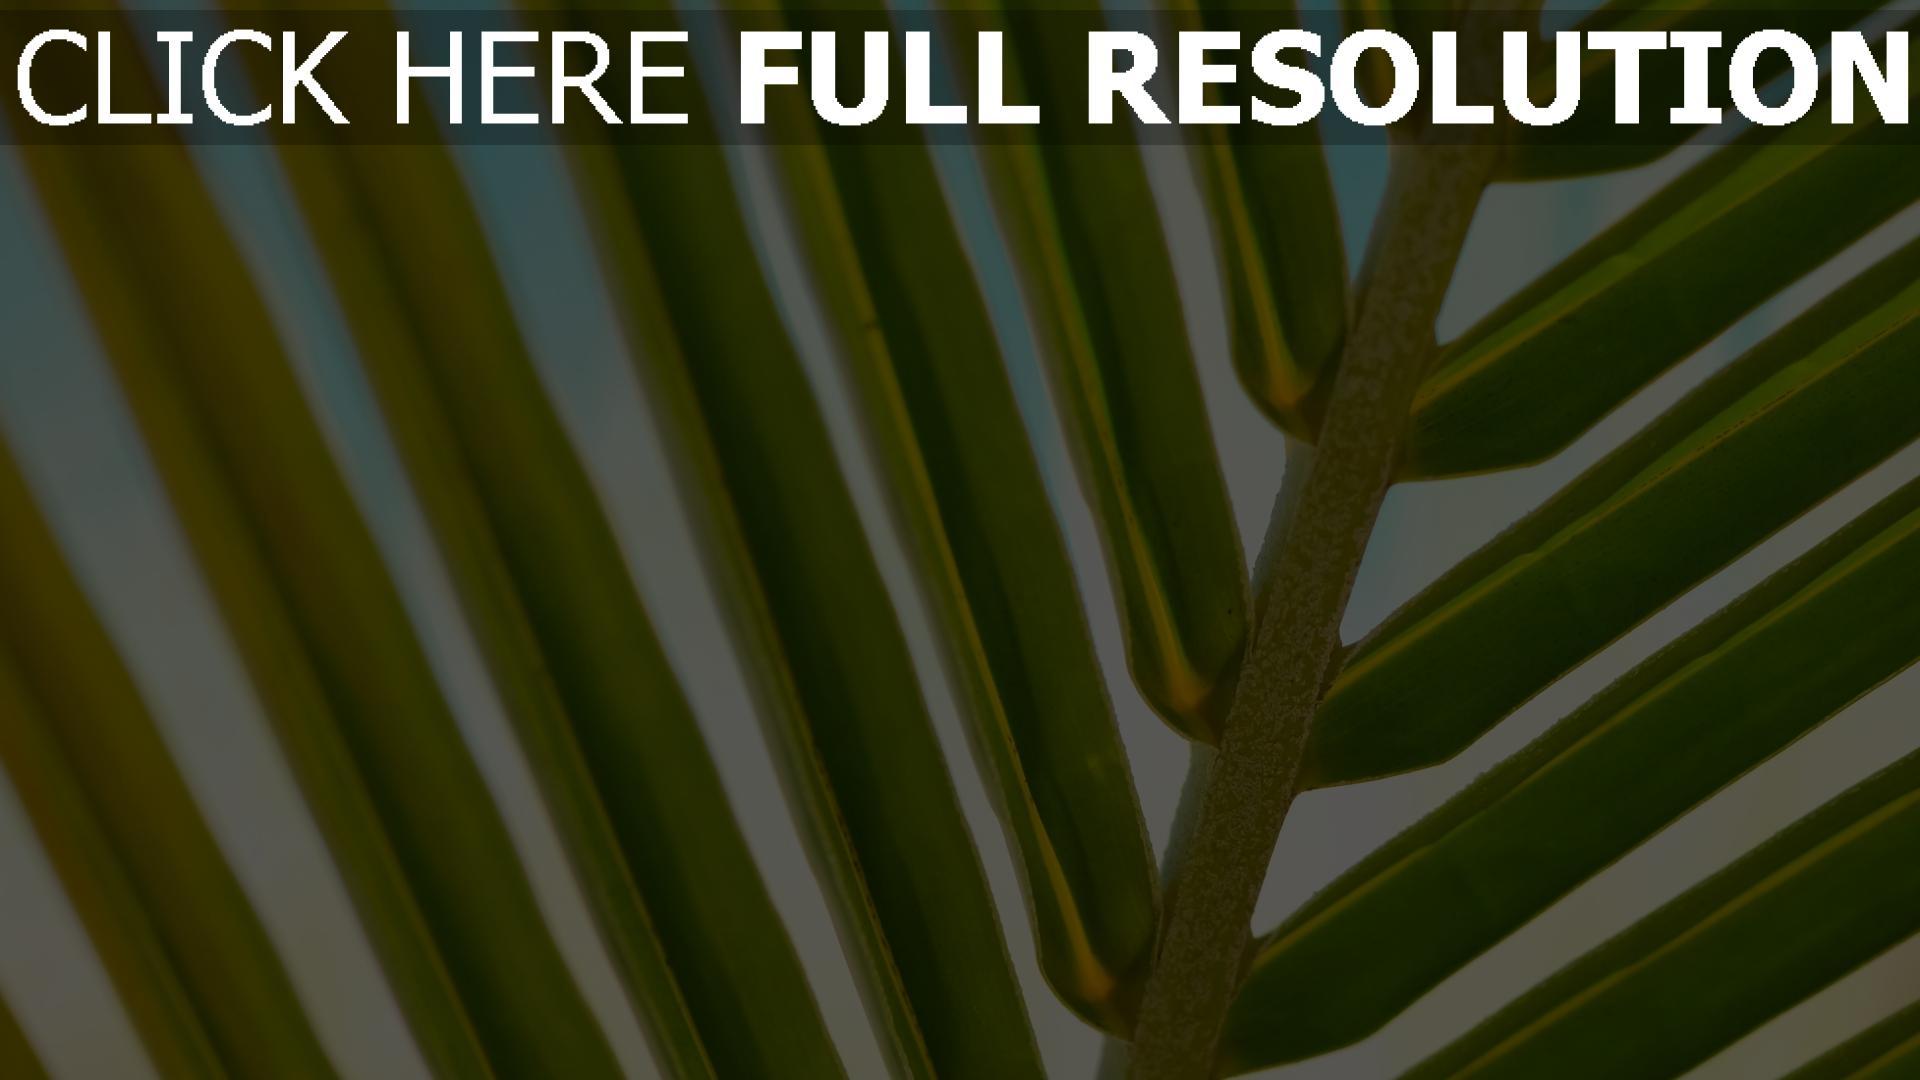 hd hintergrundbilder zweig blätter palme close-up 1920x1080